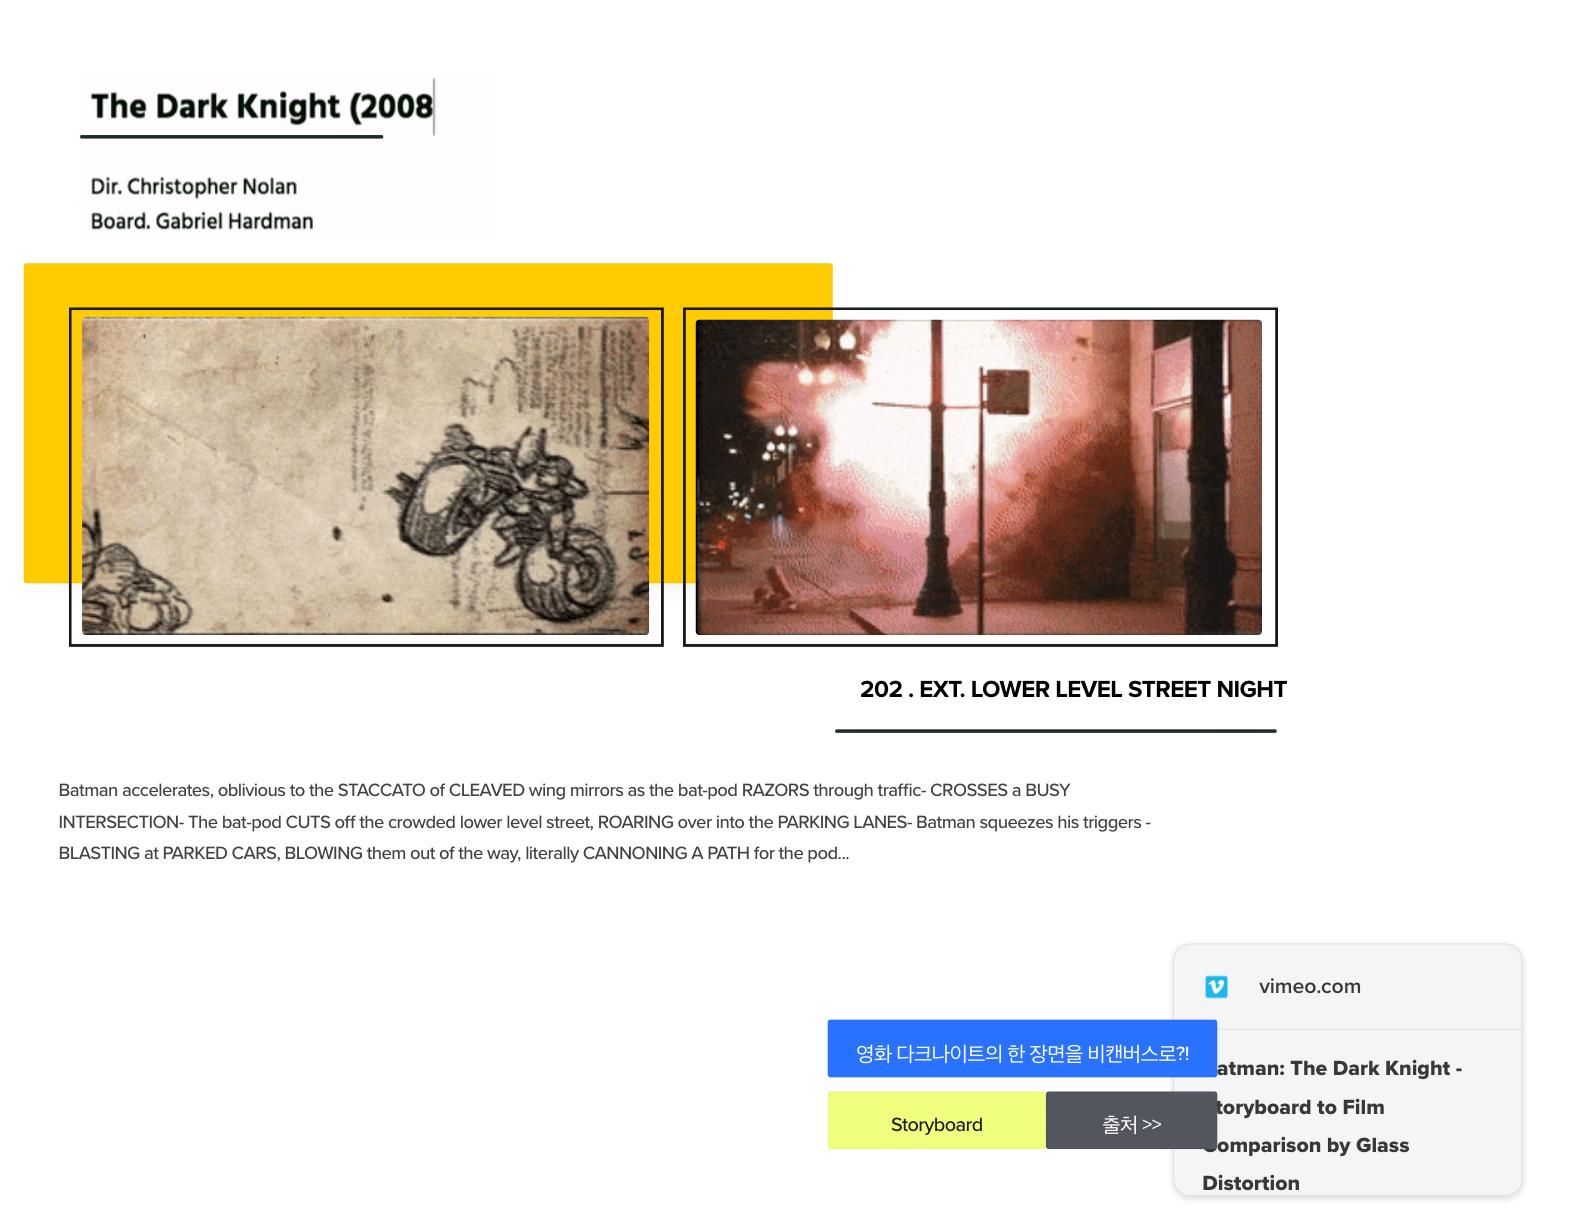 비캔버스 – 비주얼 기반 차세대 협업툴 - getting things done